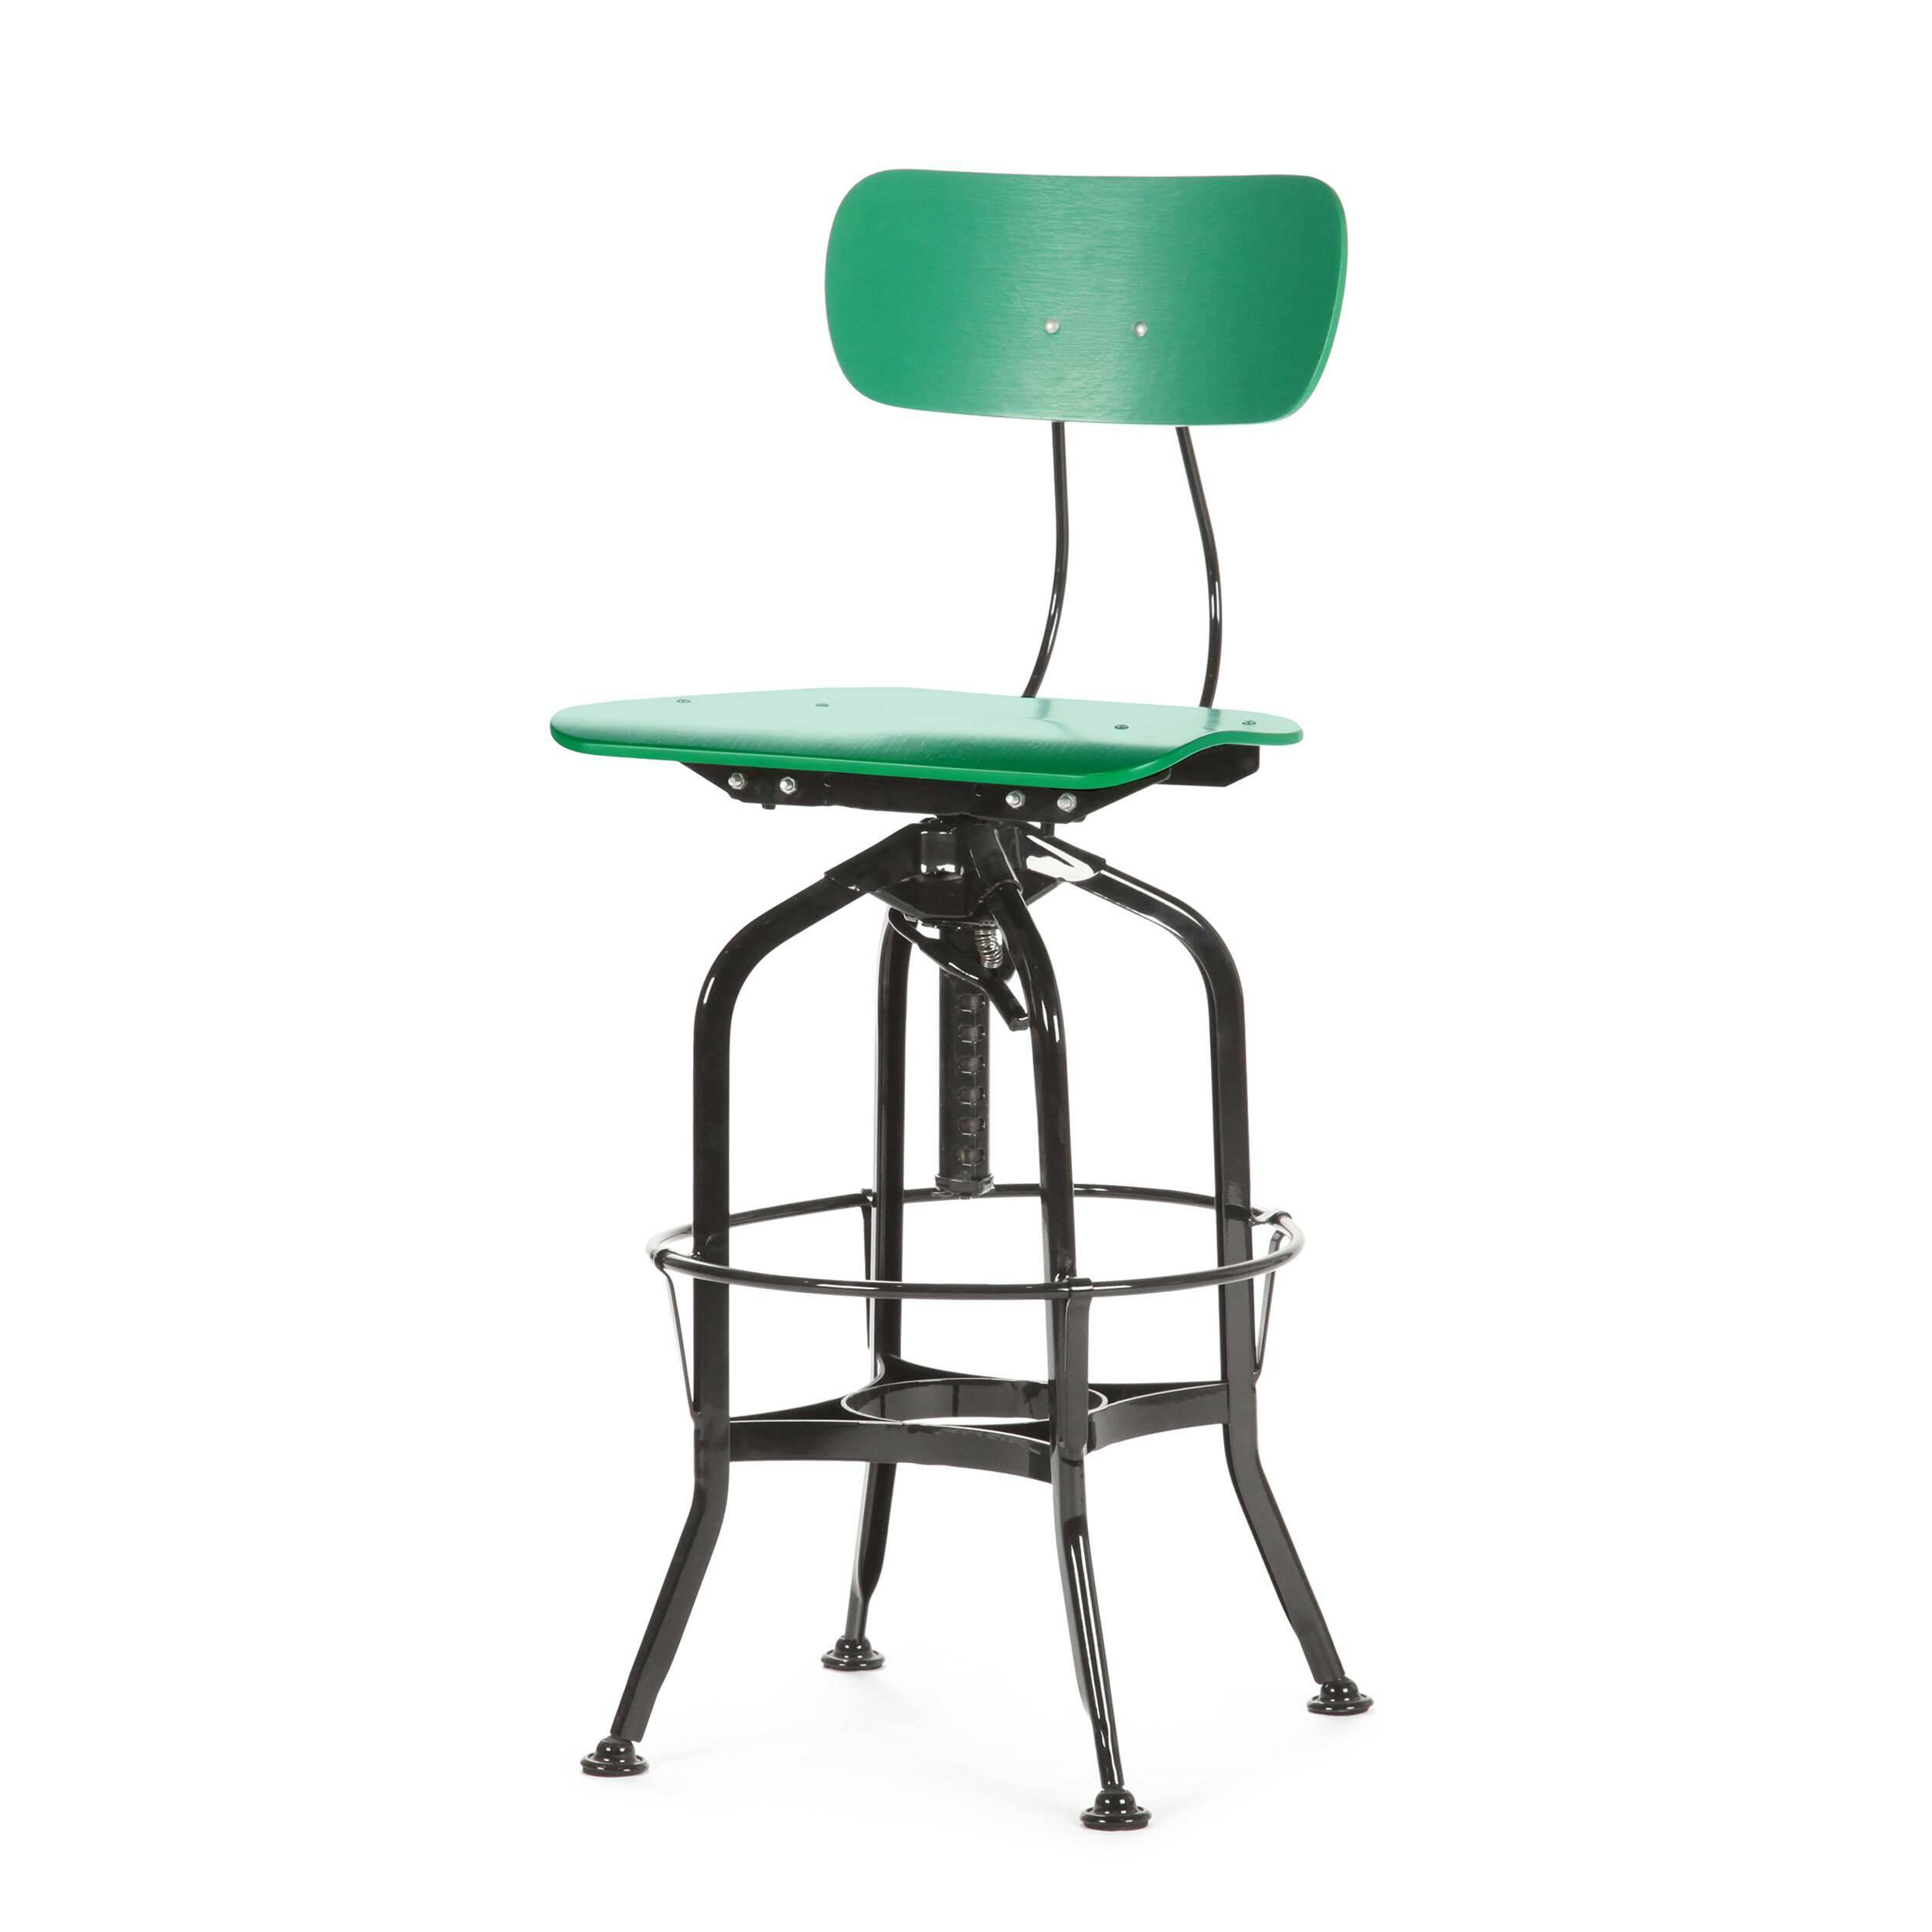 Барный стул Toledo WoodБарные<br>Дизайнерский цветной барный стул Toledo Wood (Толедо Вуд) из фанеры на черных ножках от Cosmo (Космо). <br><br> Целевыми помещениями для использования стульев Toledo изначально были офисы, заводы, аптеки и тому подобные места. Однако под влиянием веяний модных дизайнерских тенденций появилась новая модель — для ресторанов, молодежных клубов и баров.<br><br><br> Замысловатый каркас из стали, выполненный в черном или металлическом цвете, представлен системой «паучьи лапки», как назвали это сами дизайне...<br><br>stock: 0<br>Высота: 97<br>Высота сиденья: 64-75<br>Ширина: 42<br>Глубина: 48<br>Цвет ножек: Черный<br>Материал сидения: Фанера, шпон дуба<br>Цвет сидения: Зеленый<br>Тип материала сидения: Дерево<br>Тип материала ножек: Сталь